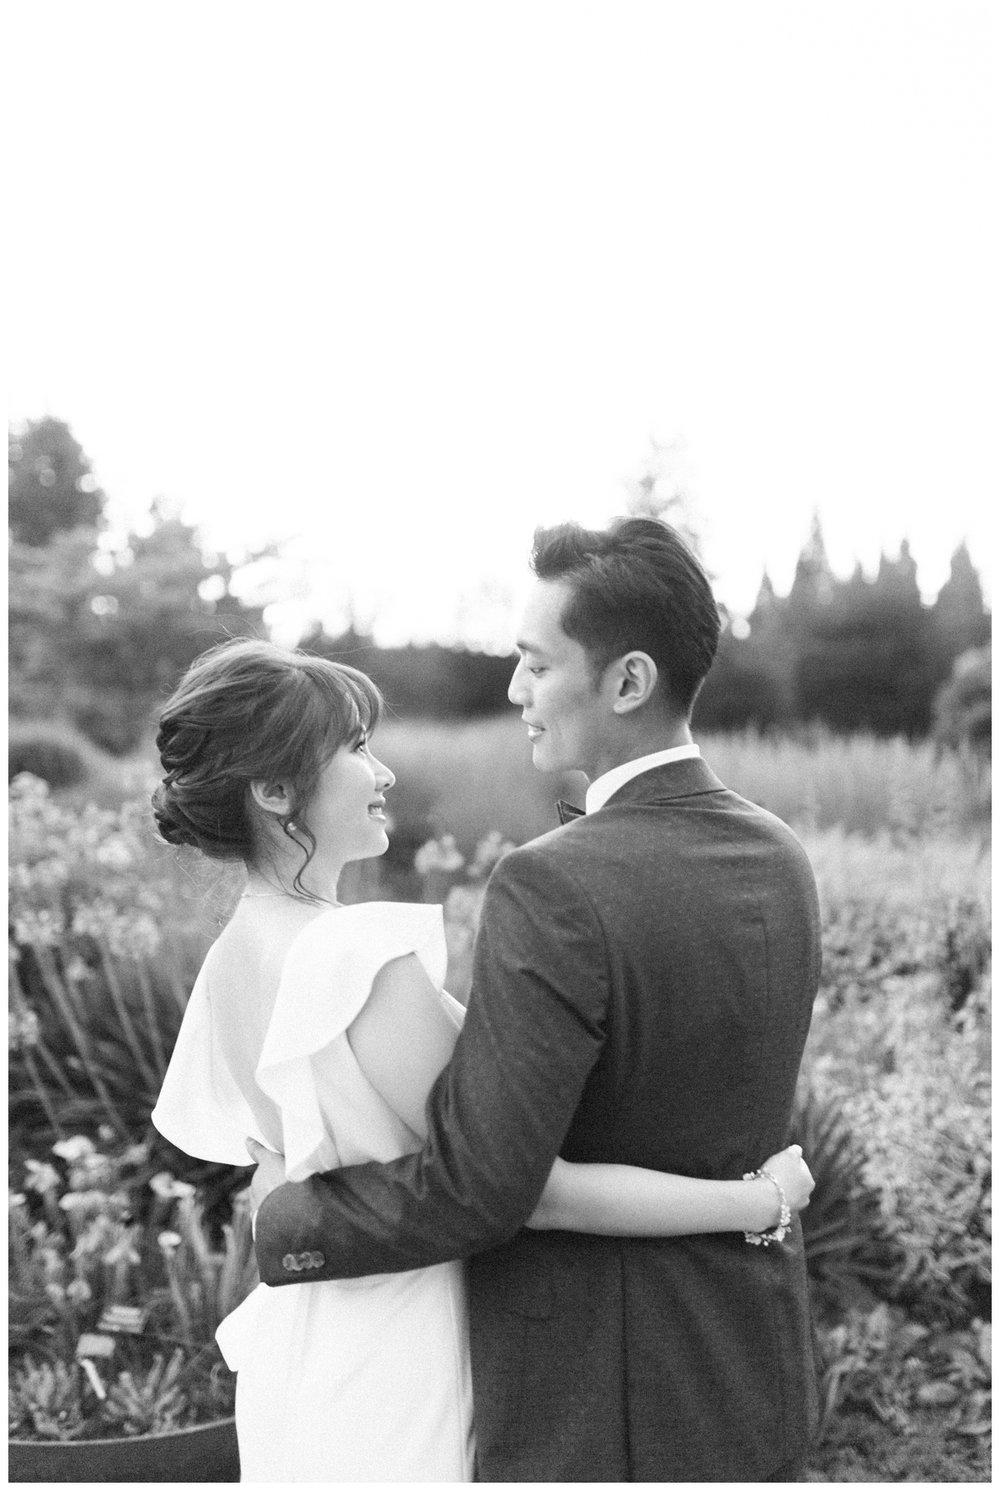 Mattie C. Hong Kong Vancouver Fine Art Wedding Prewedding Photographer 84.jpg